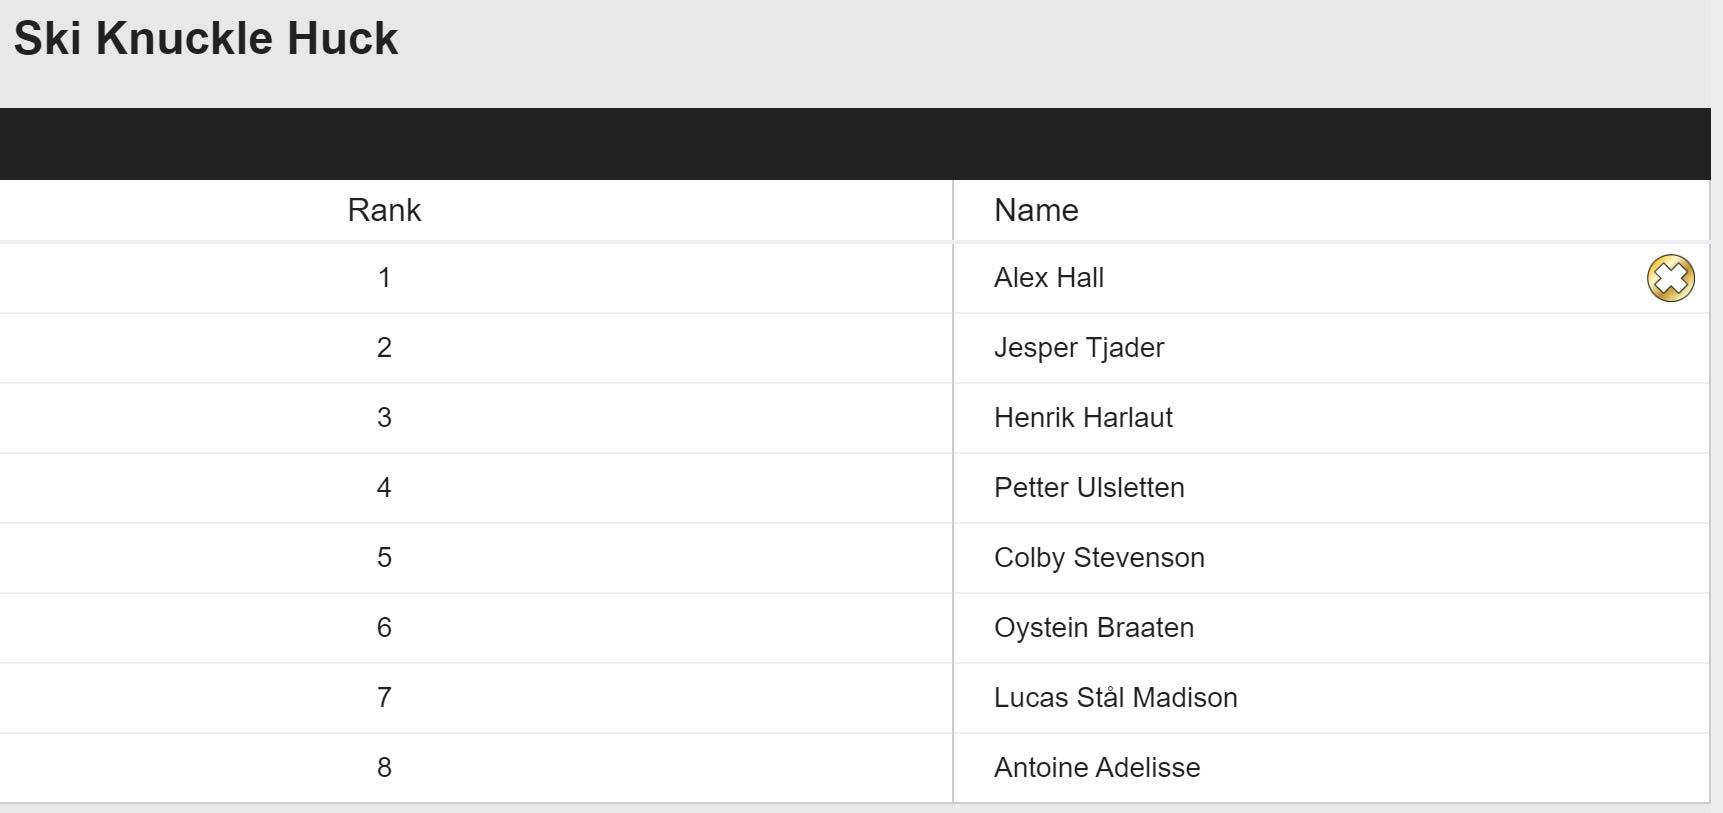 Das Knuckle Huck Ergebnis der Männer bei den Winter X Games Norwegen 2020 in der Übersicht.